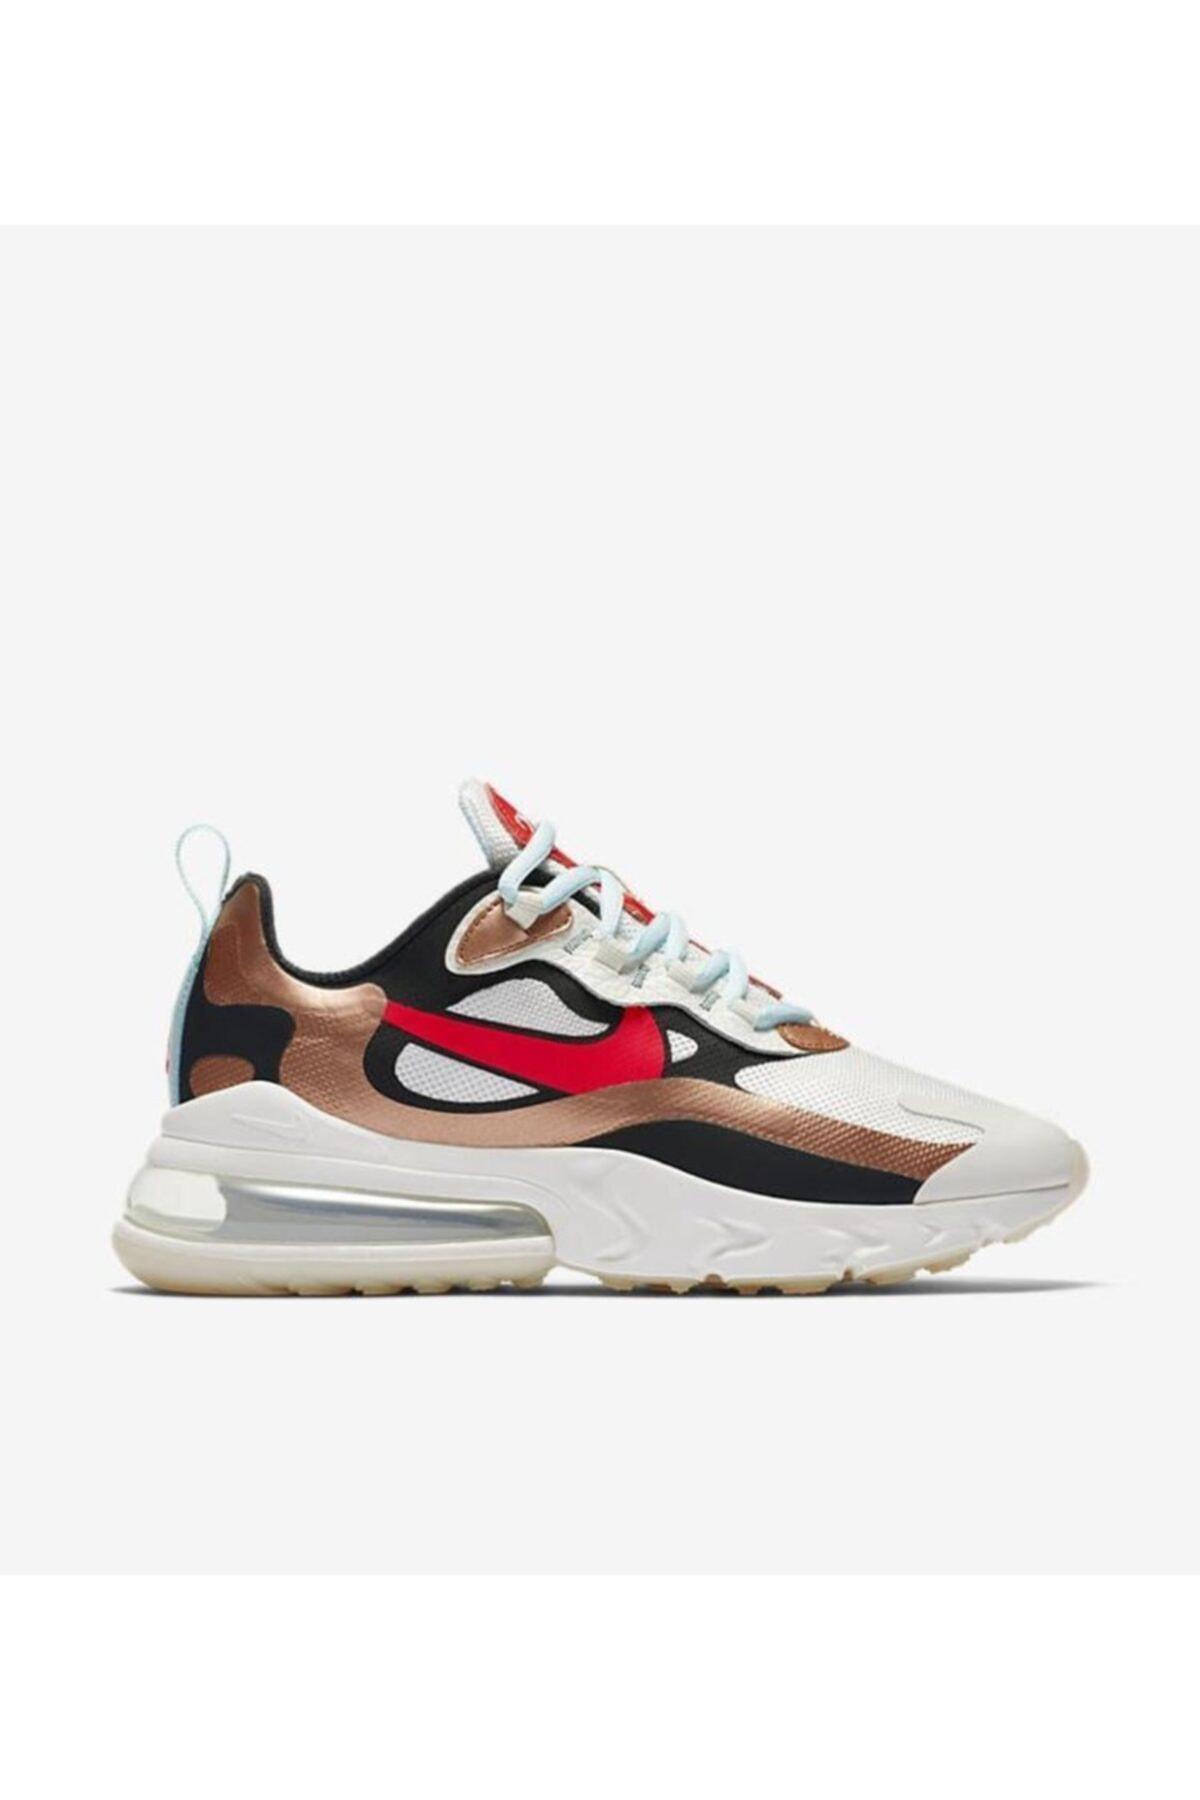 Nike Air Max 270 React Sneaker Kadın Ayakkabı Ct3428-100 1